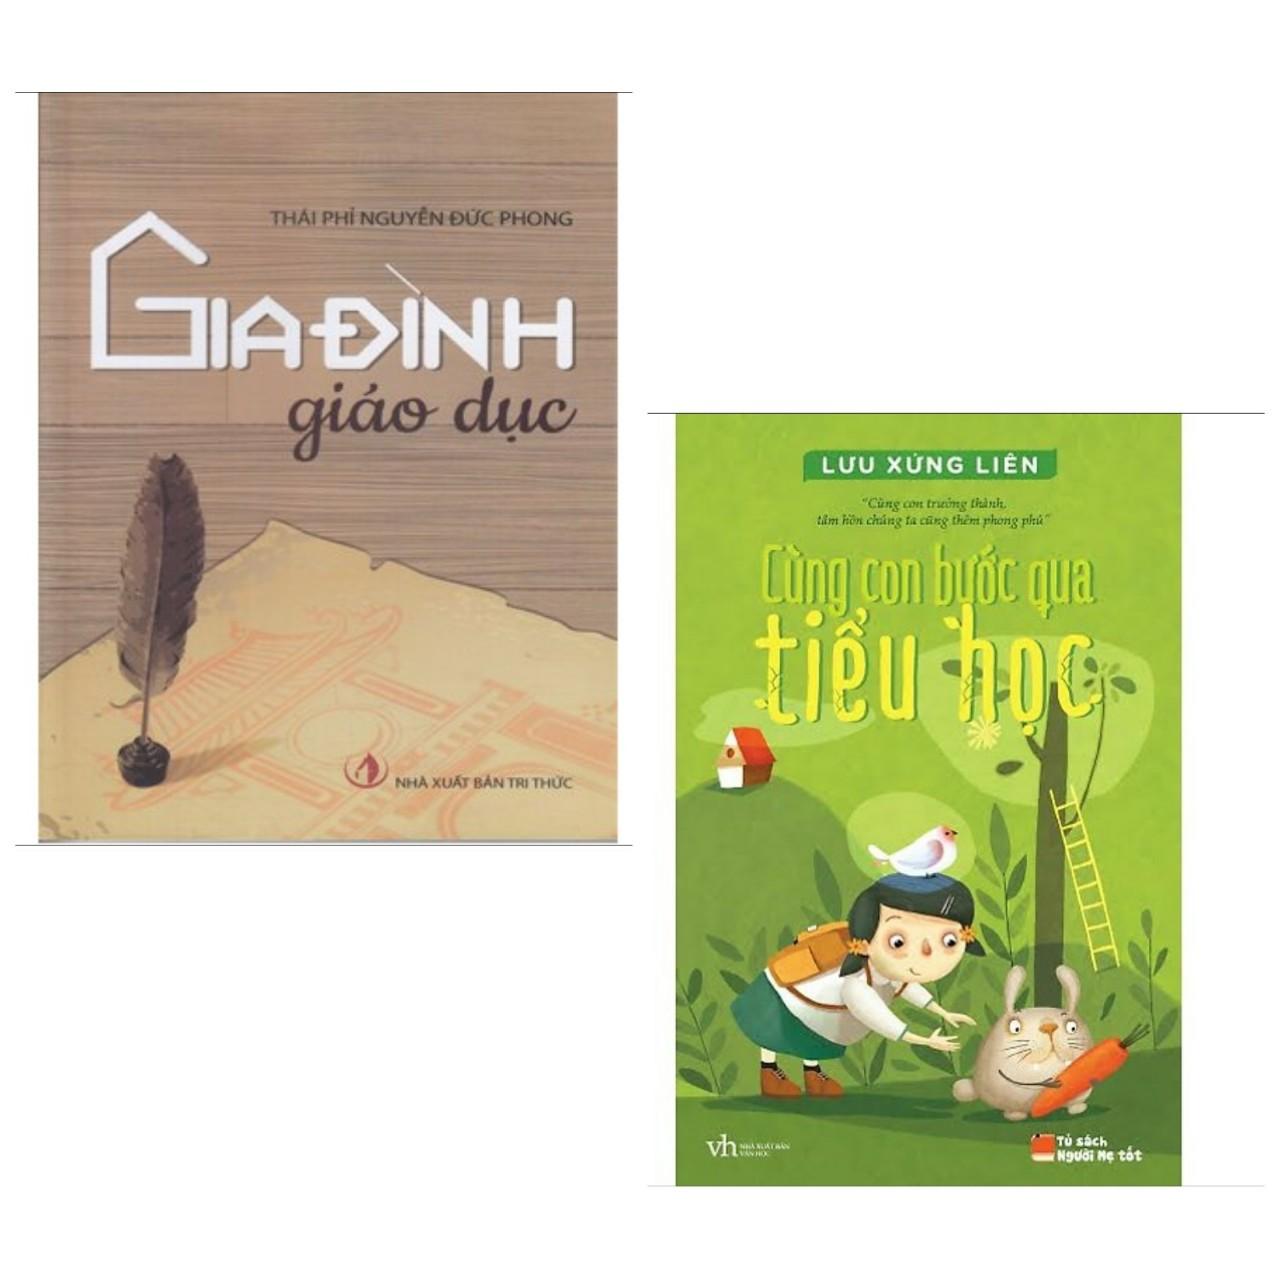 Combo 2 cuốn sách hay về nuôi dạy con : Gia Đình Giáo Dục + Cùng Con Bước Qua Tiểu Học (Tặng kèm Bookmark Happy Life) - 15615864 , 6112130093785 , 62_26066218 , 158000 , Combo-2-cuon-sach-hay-ve-nuoi-day-con-Gia-Dinh-Giao-Duc-Cung-Con-Buoc-Qua-Tieu-Hoc-Tang-kem-Bookmark-Happy-Life-62_26066218 , tiki.vn , Combo 2 cuốn sách hay về nuôi dạy con : Gia Đình Giáo Dục + Cùng